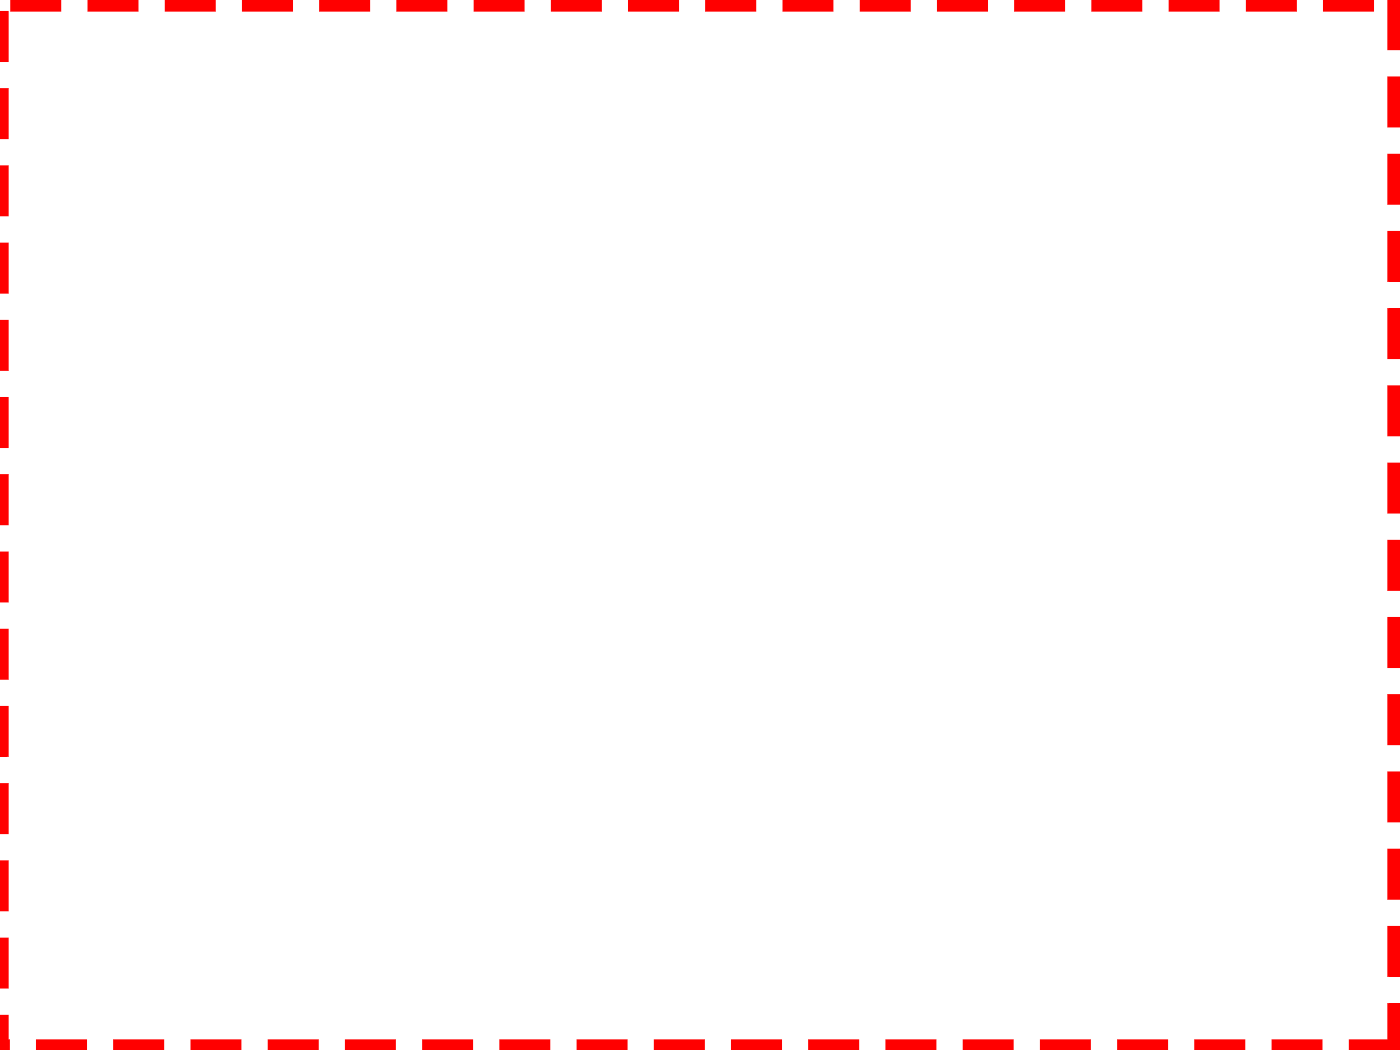 slider-frame.png